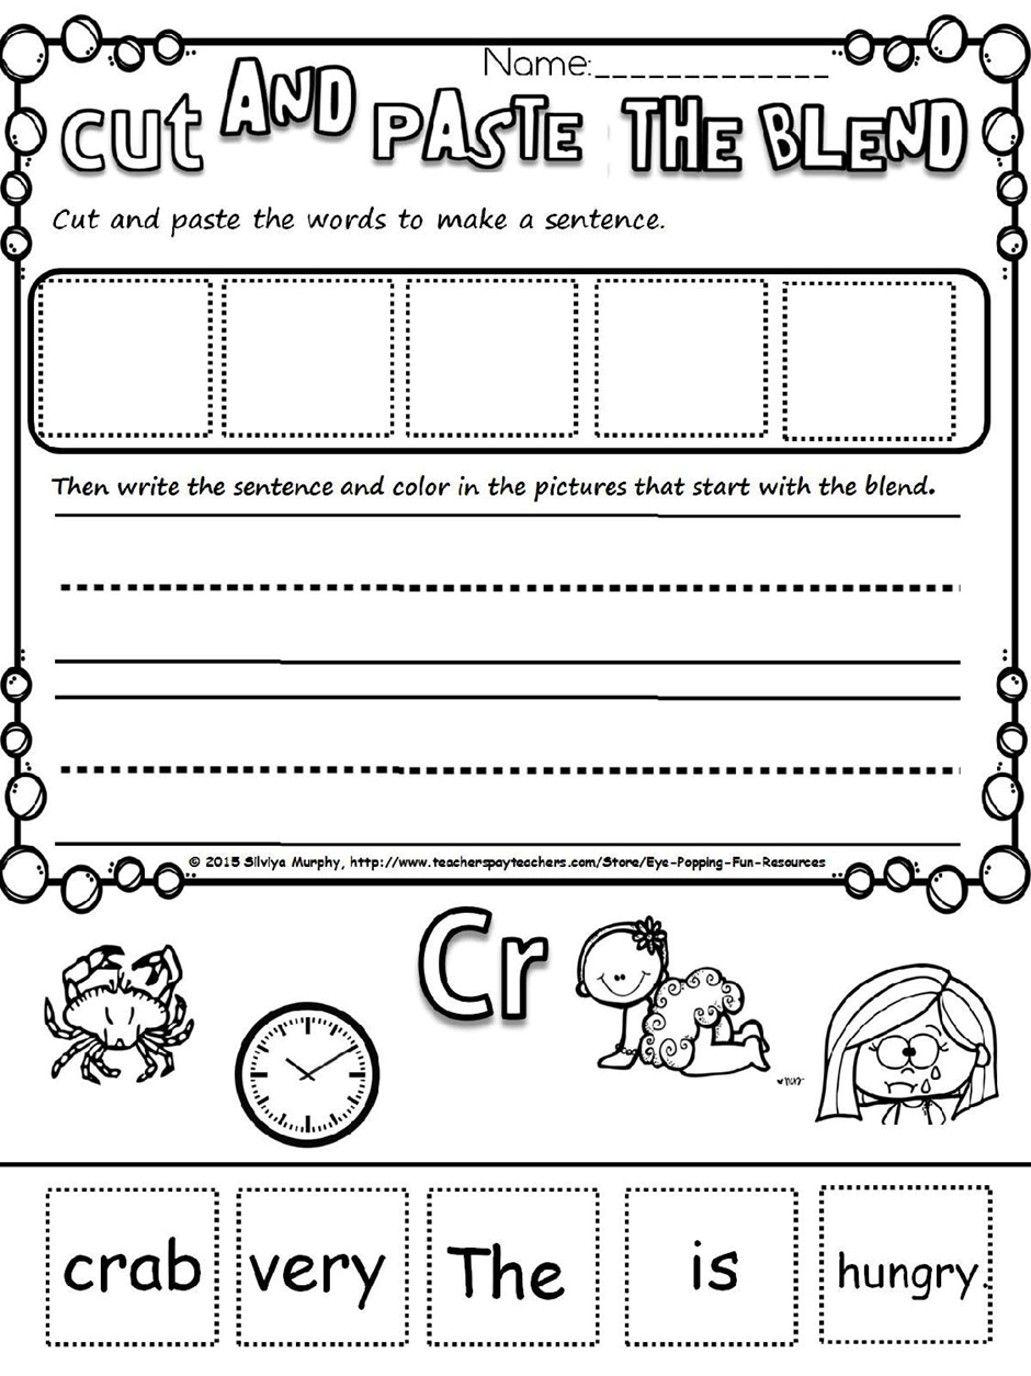 Pin On Eye Popping Fun Resources